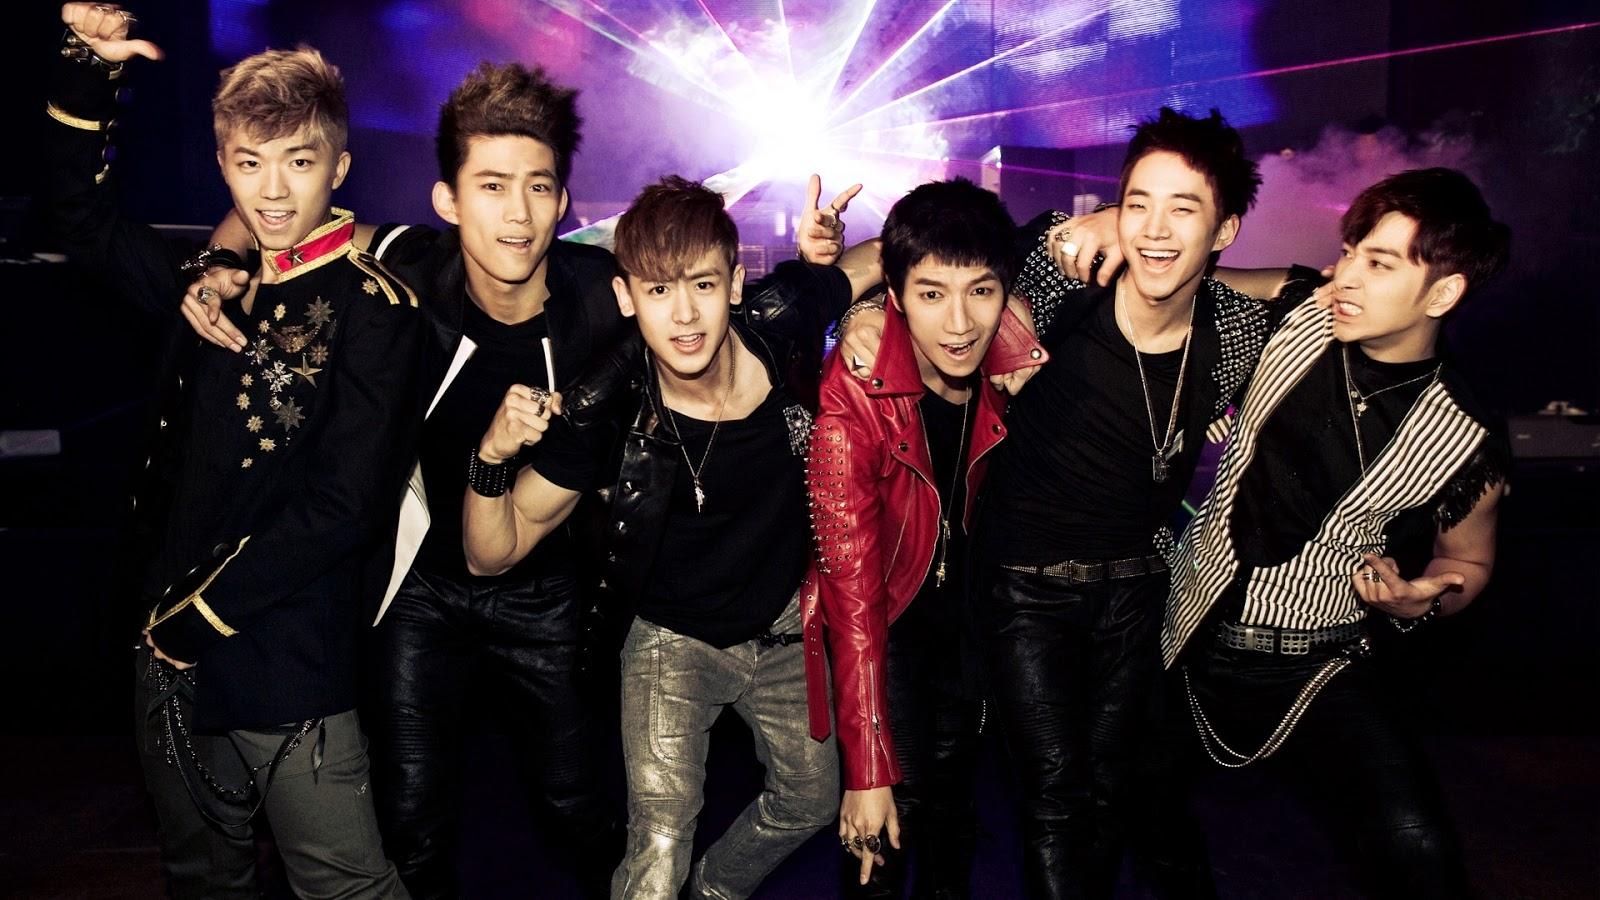 Foto boyband korea excite 74